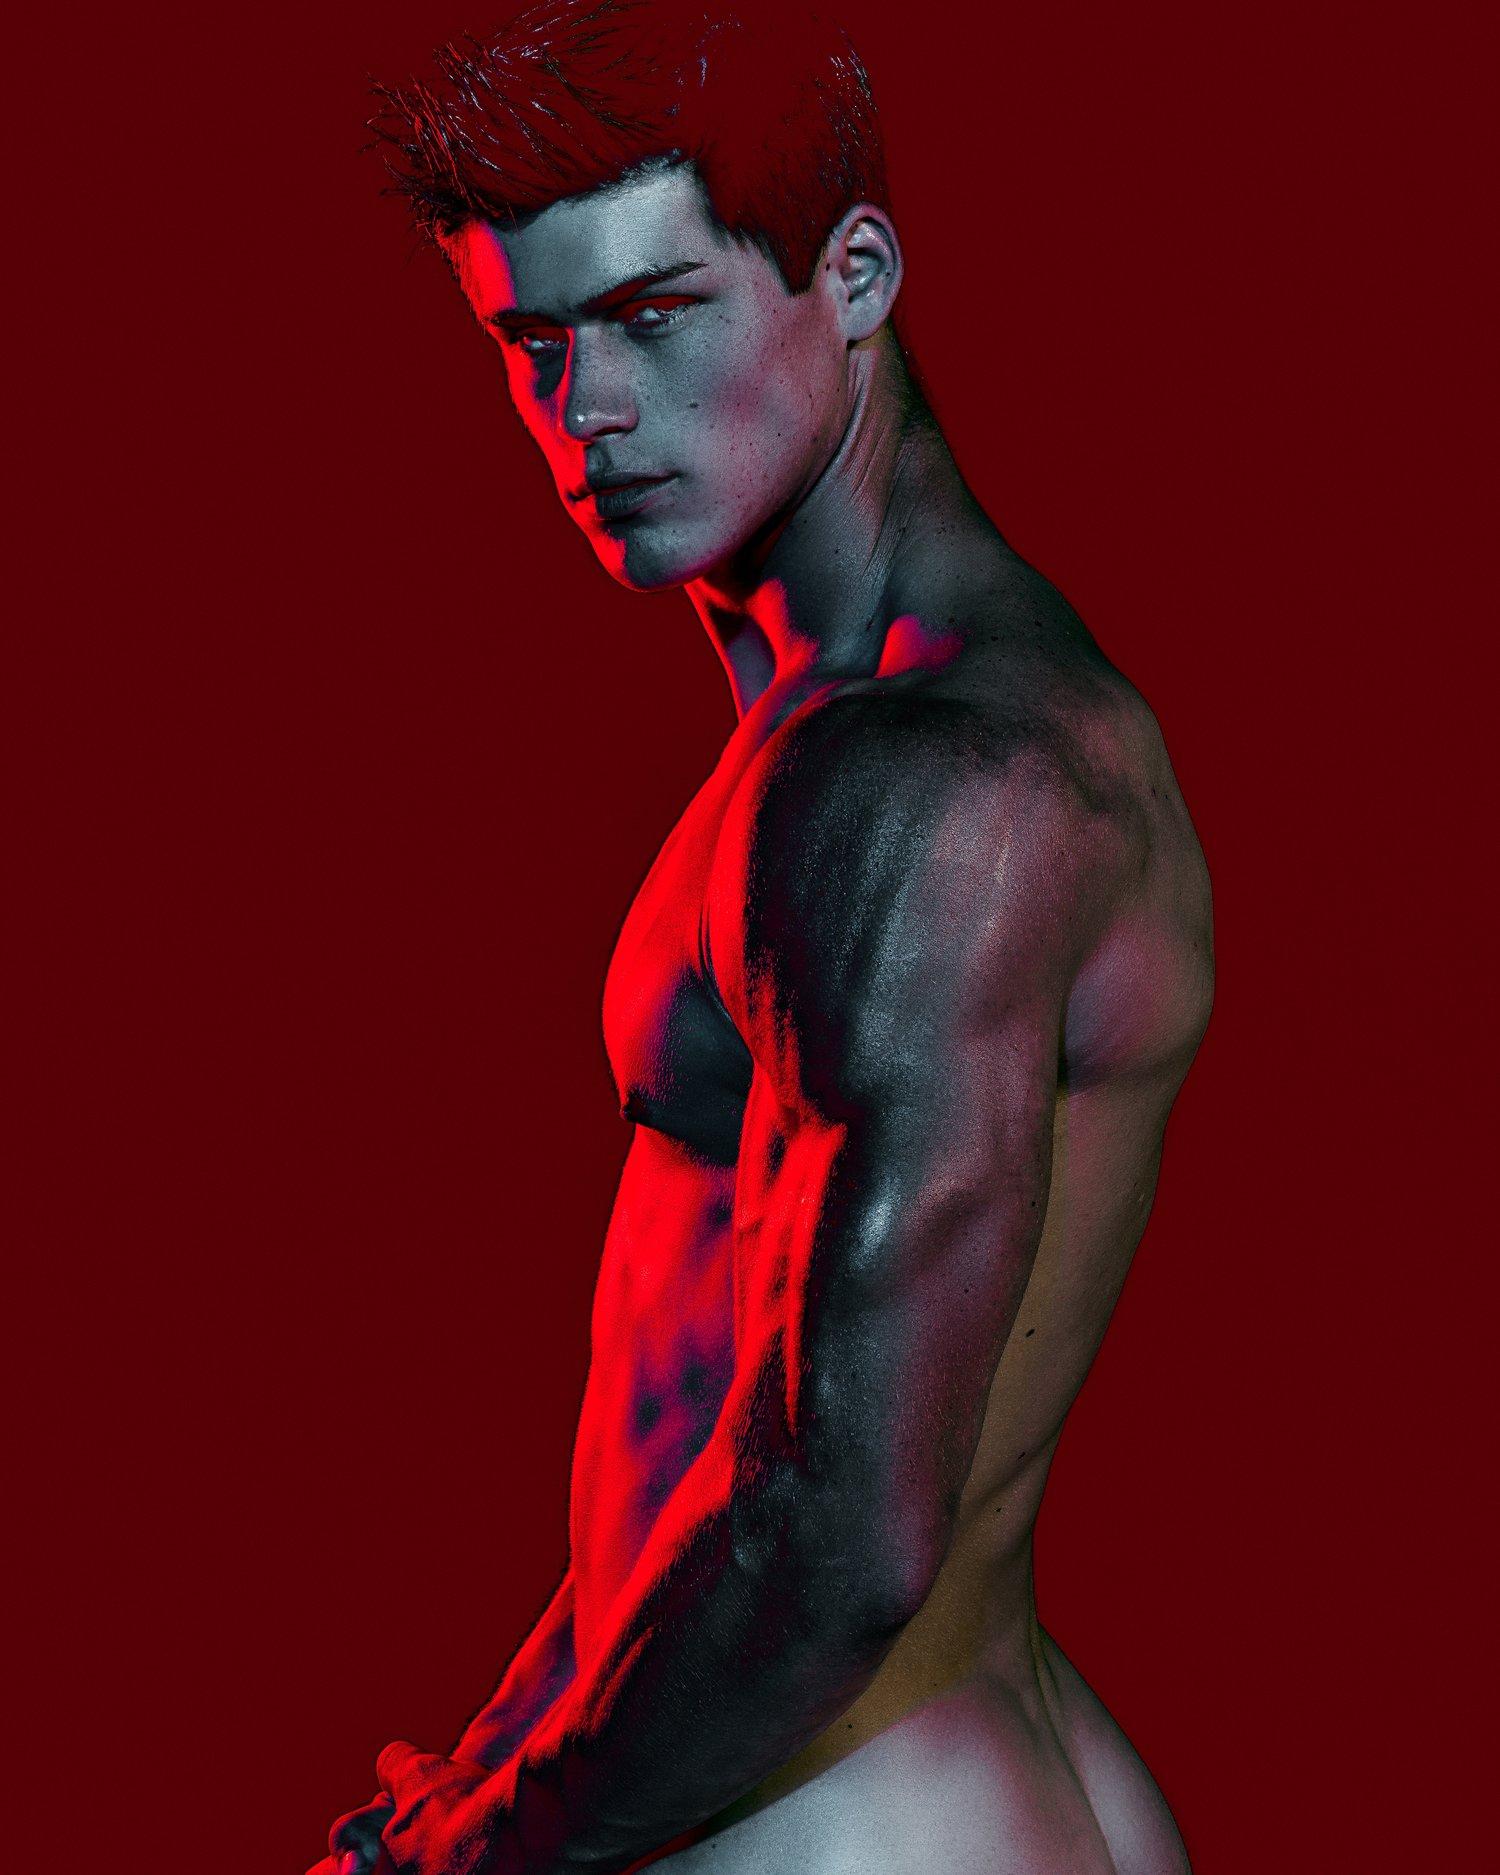 Adon Exclusive: Model Carson Aldridge By Blake Ballard